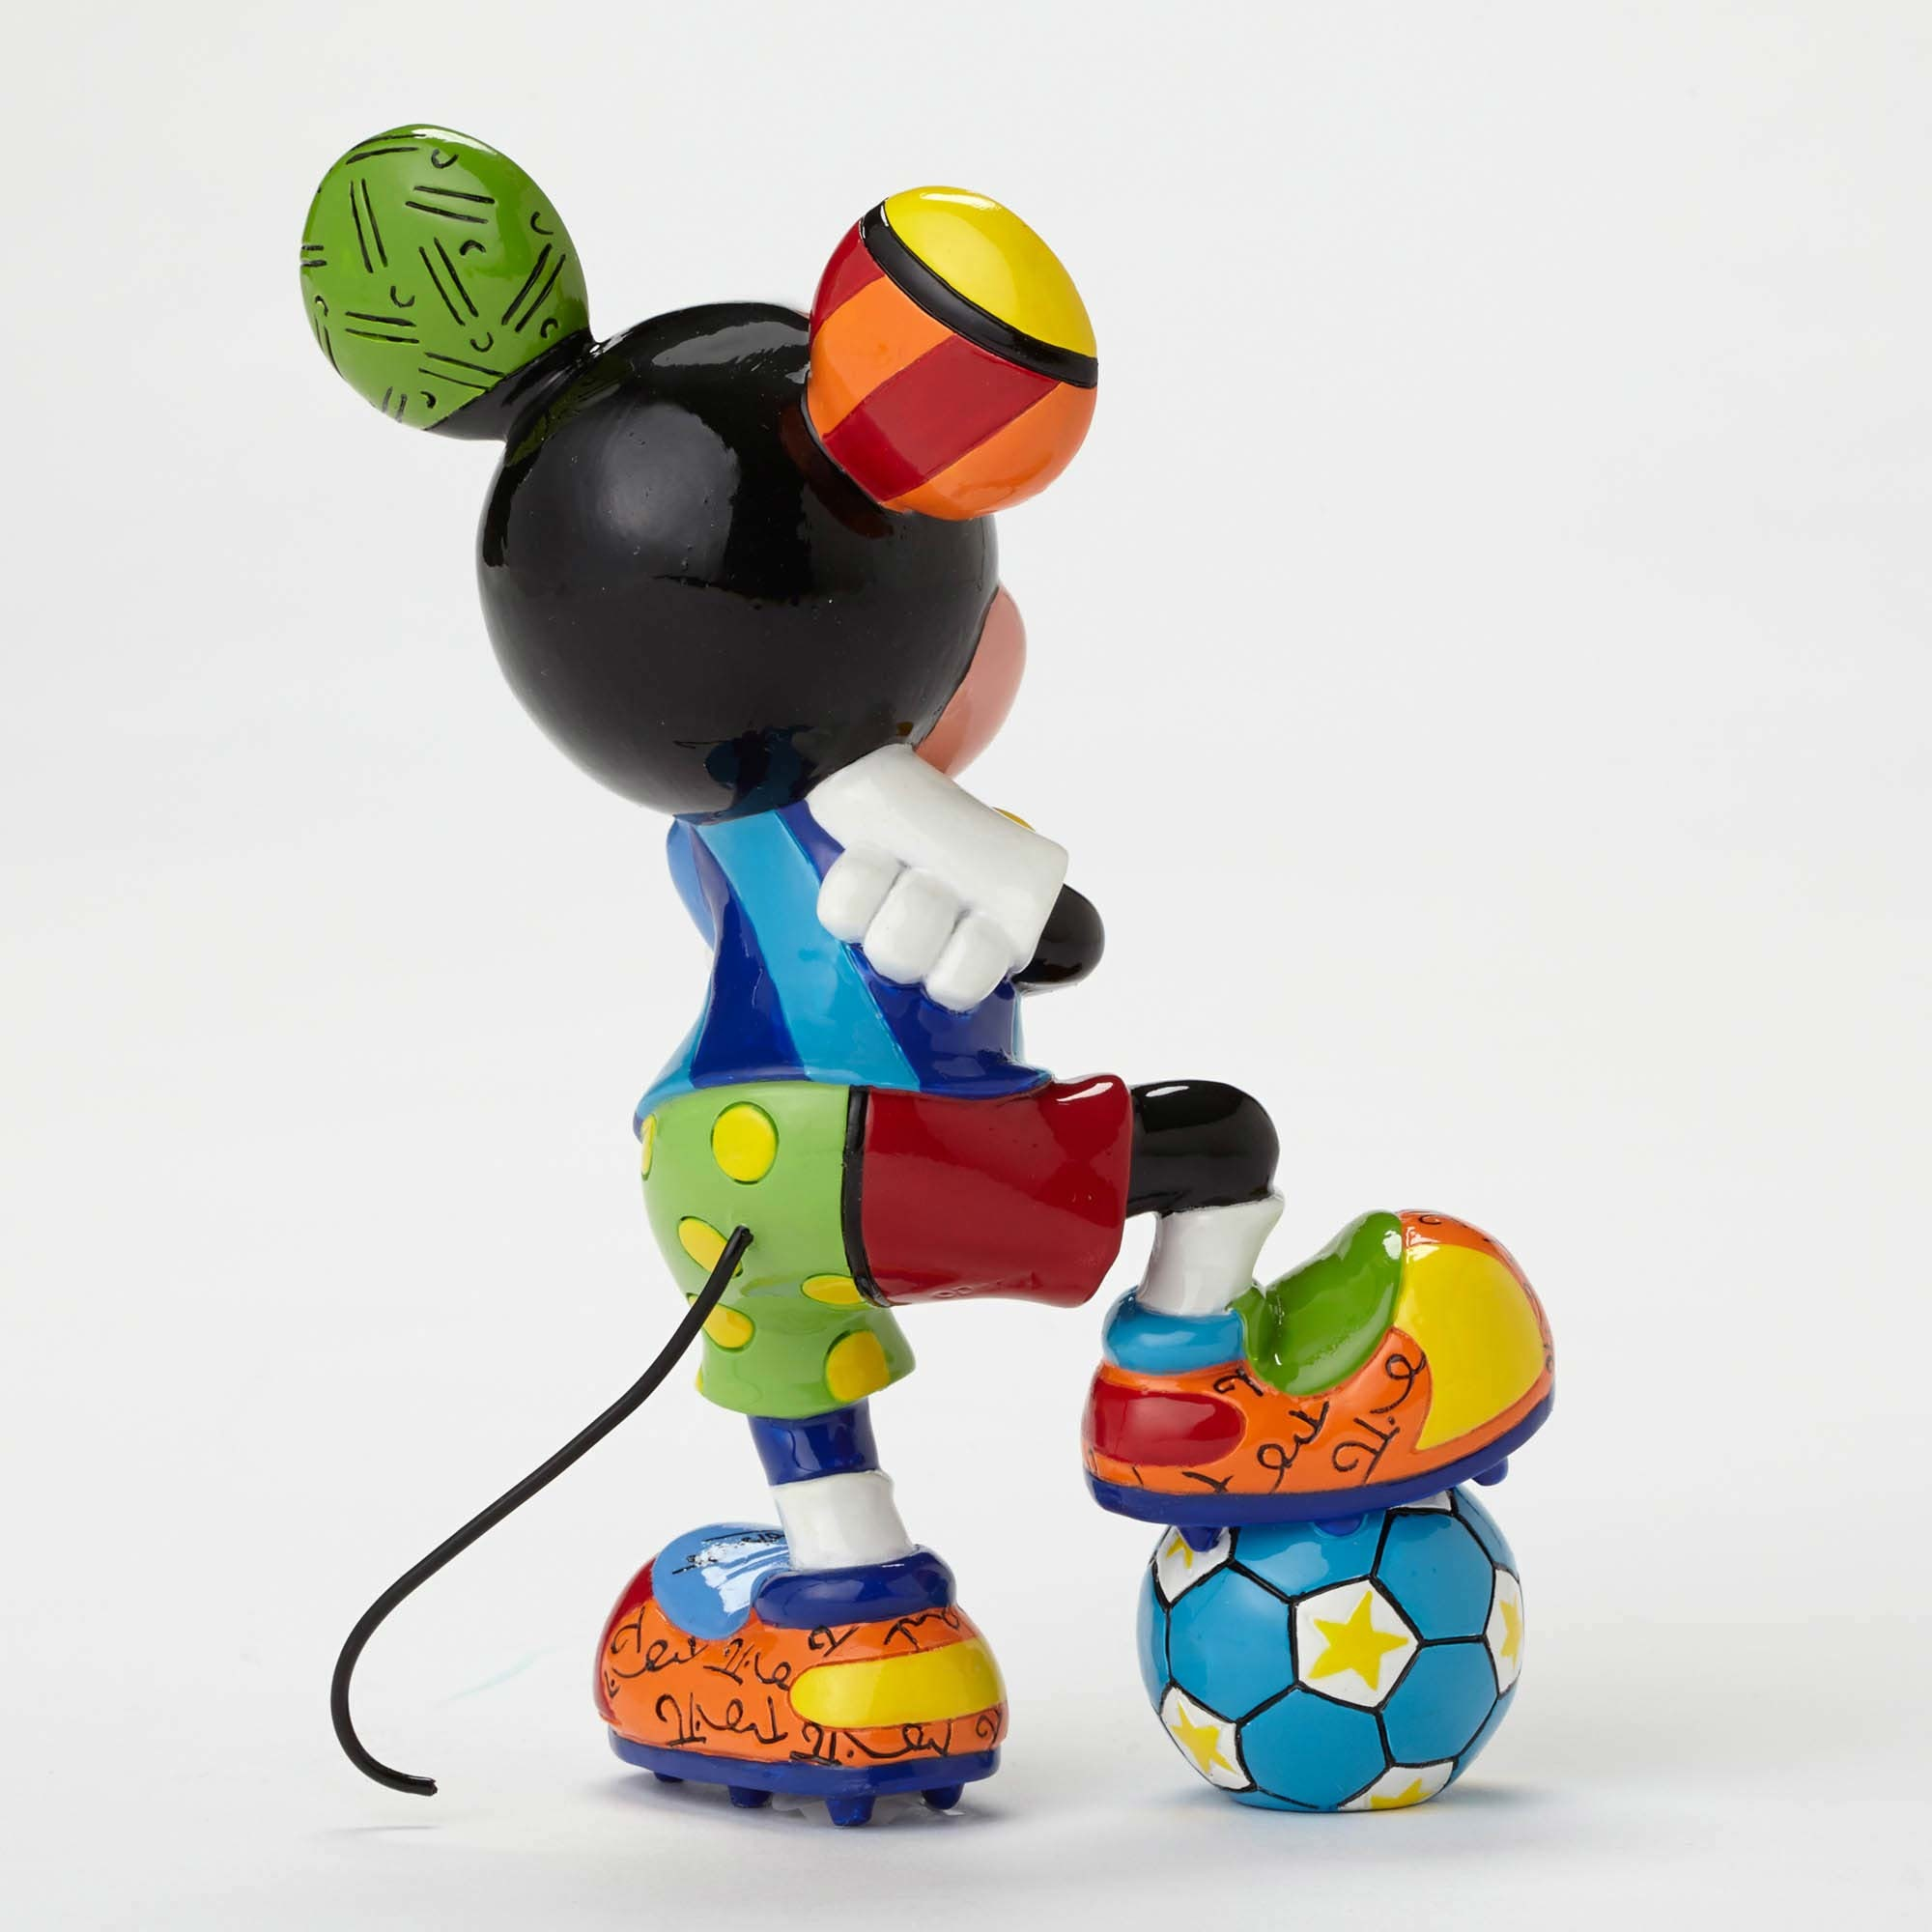 Britto Mickey Soccer Figurine - Artreco